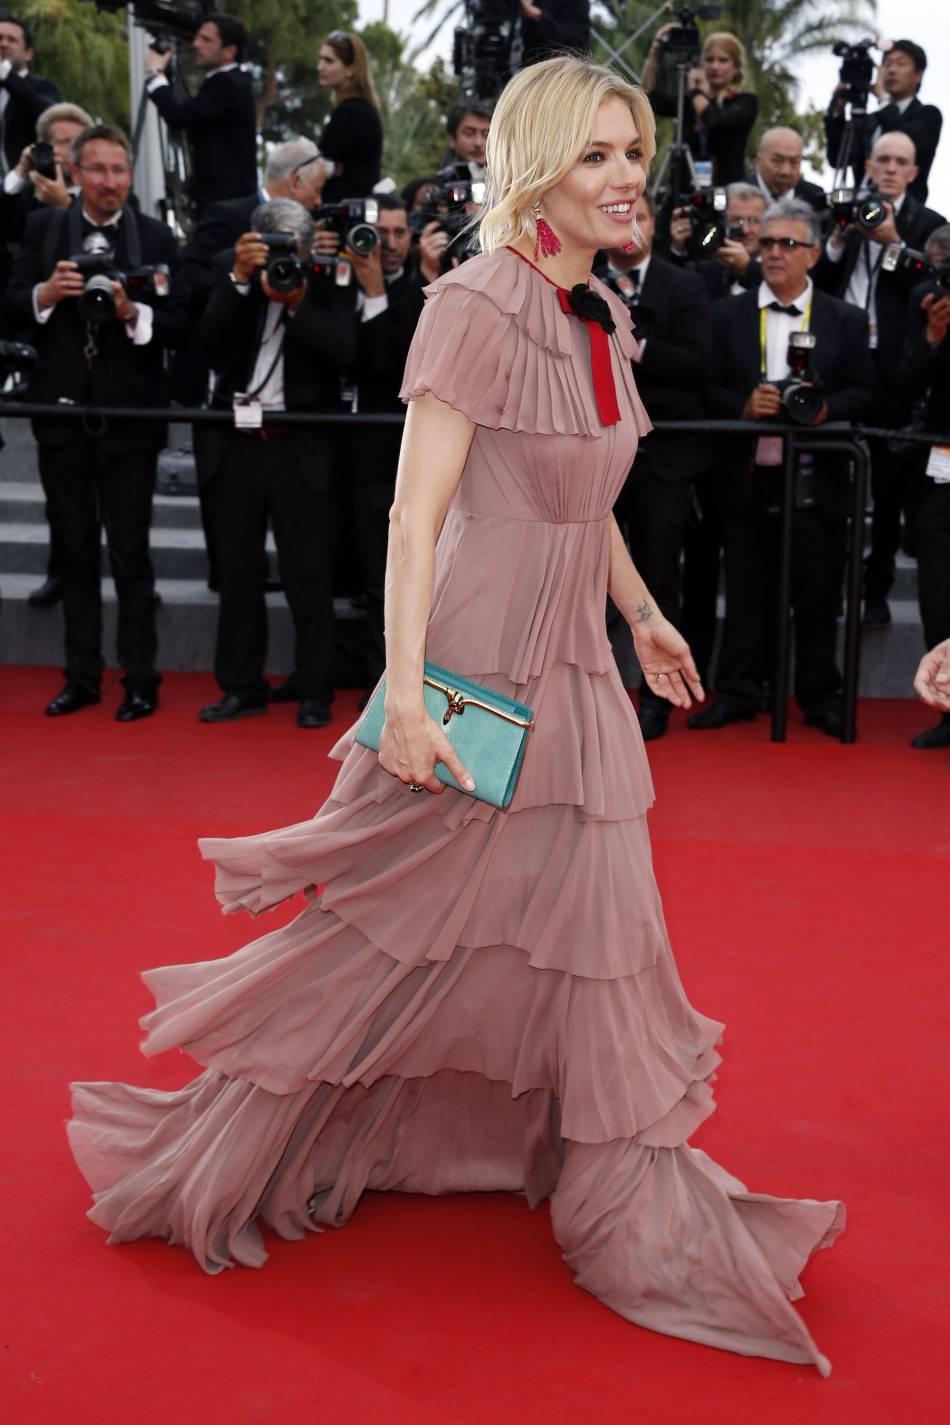 Sienna Miller, féminine et bohème sur la Croisette dans une création vieux rose signée Gucci.